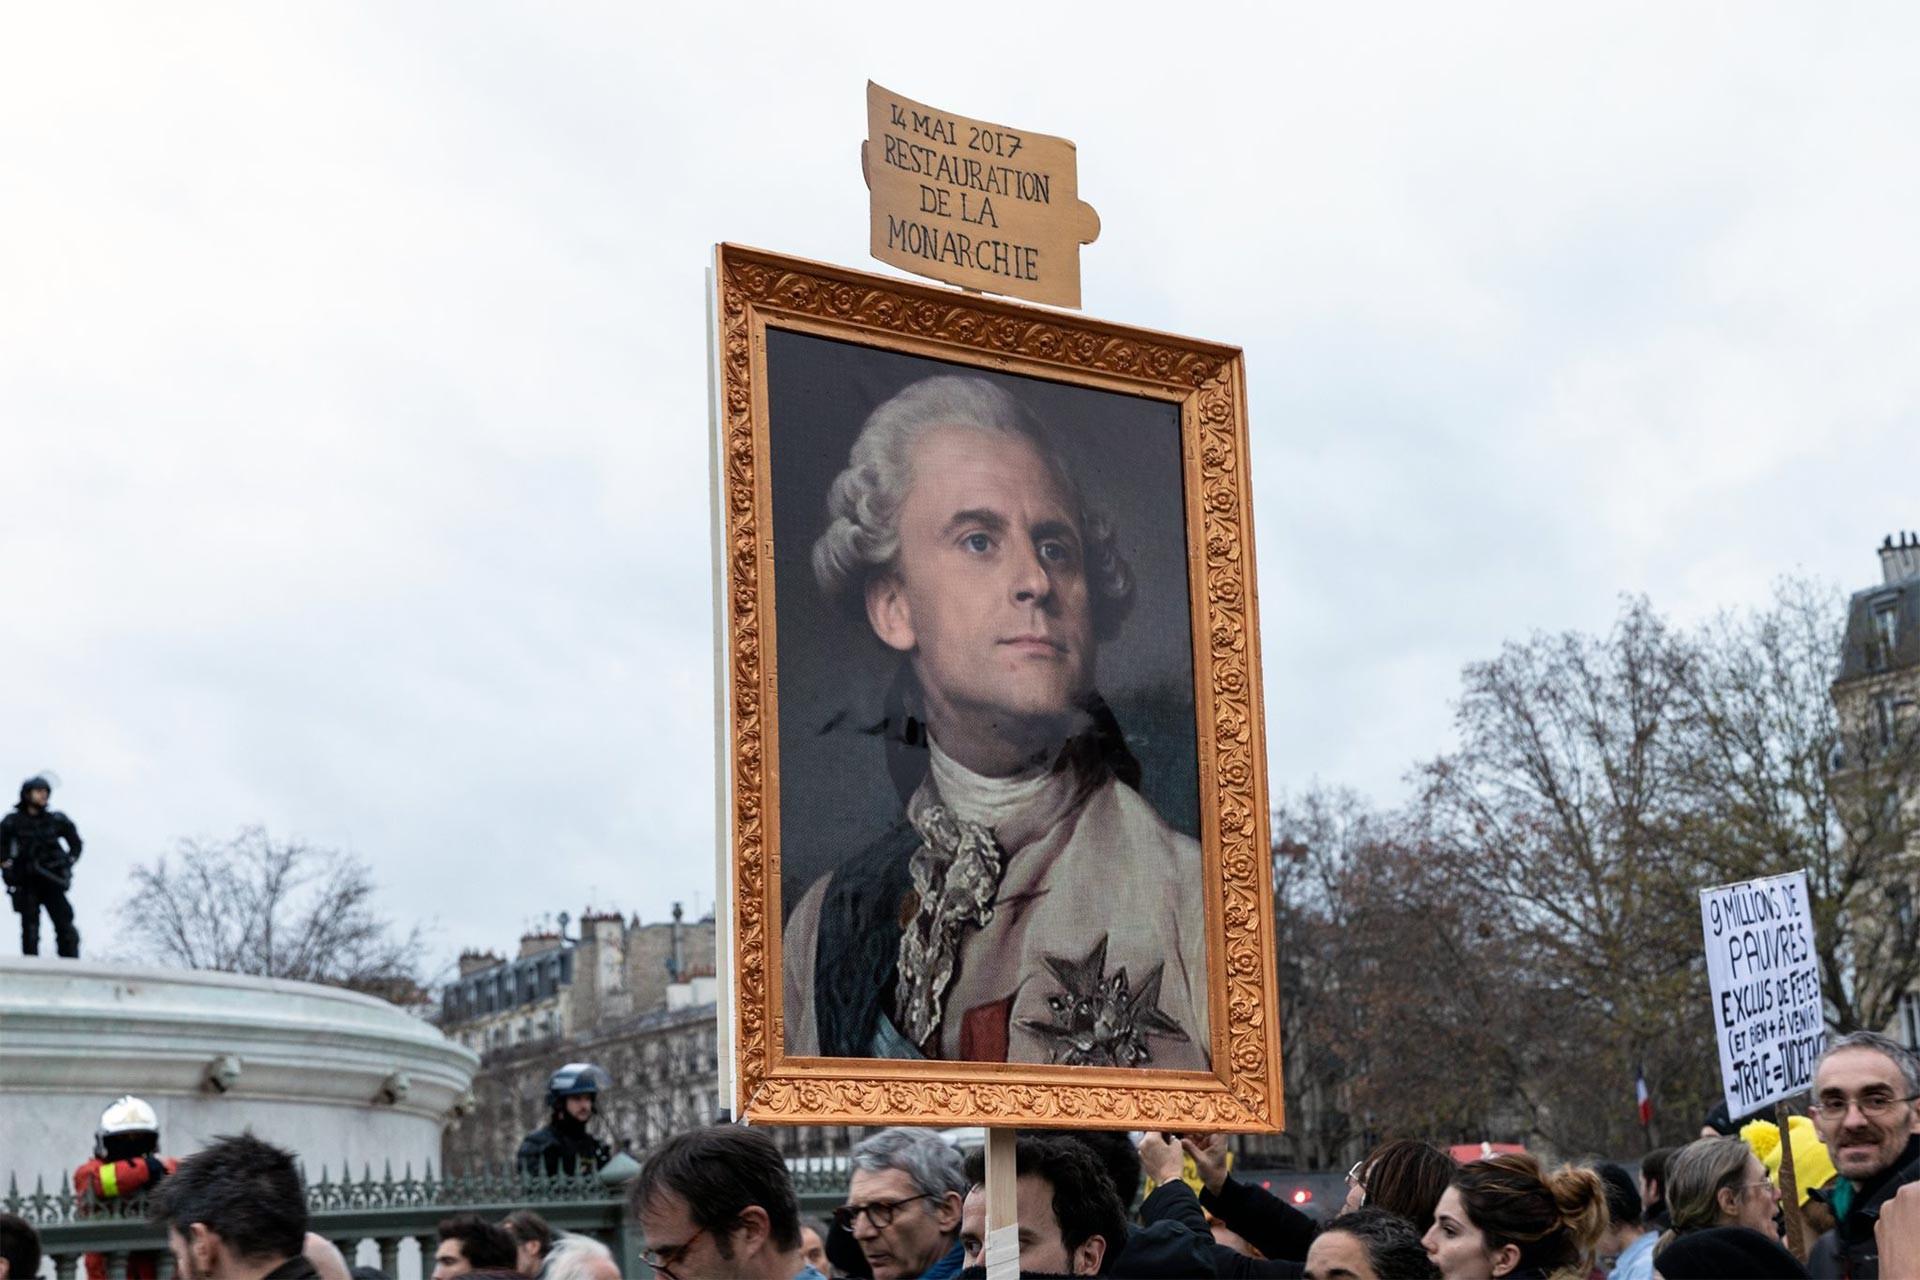 Fransa'da emeklilik düzenlemesine karşı düzenlenen grevde Macron'u kral gibi gösteren döviz